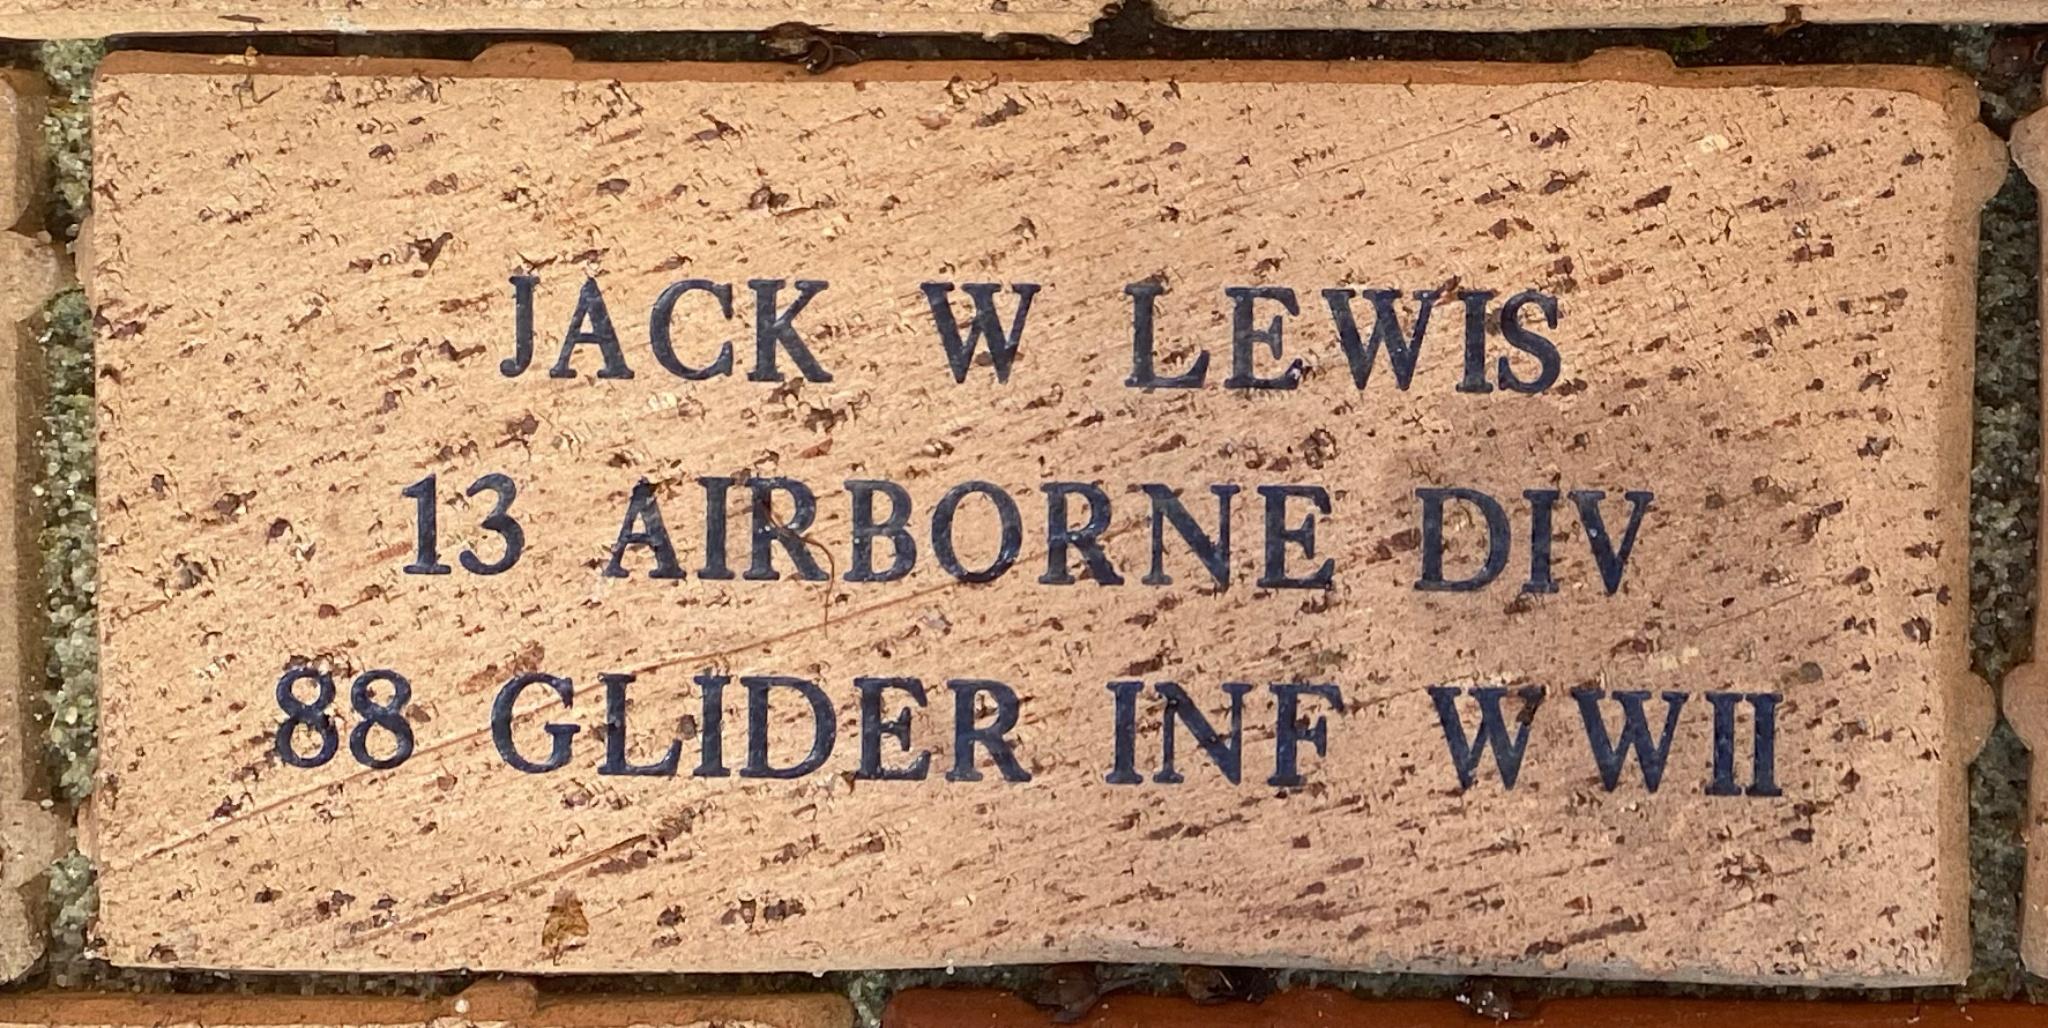 JACK W LEWIS 13 AIRBORNE DIV 88 GLIDER INF WWII